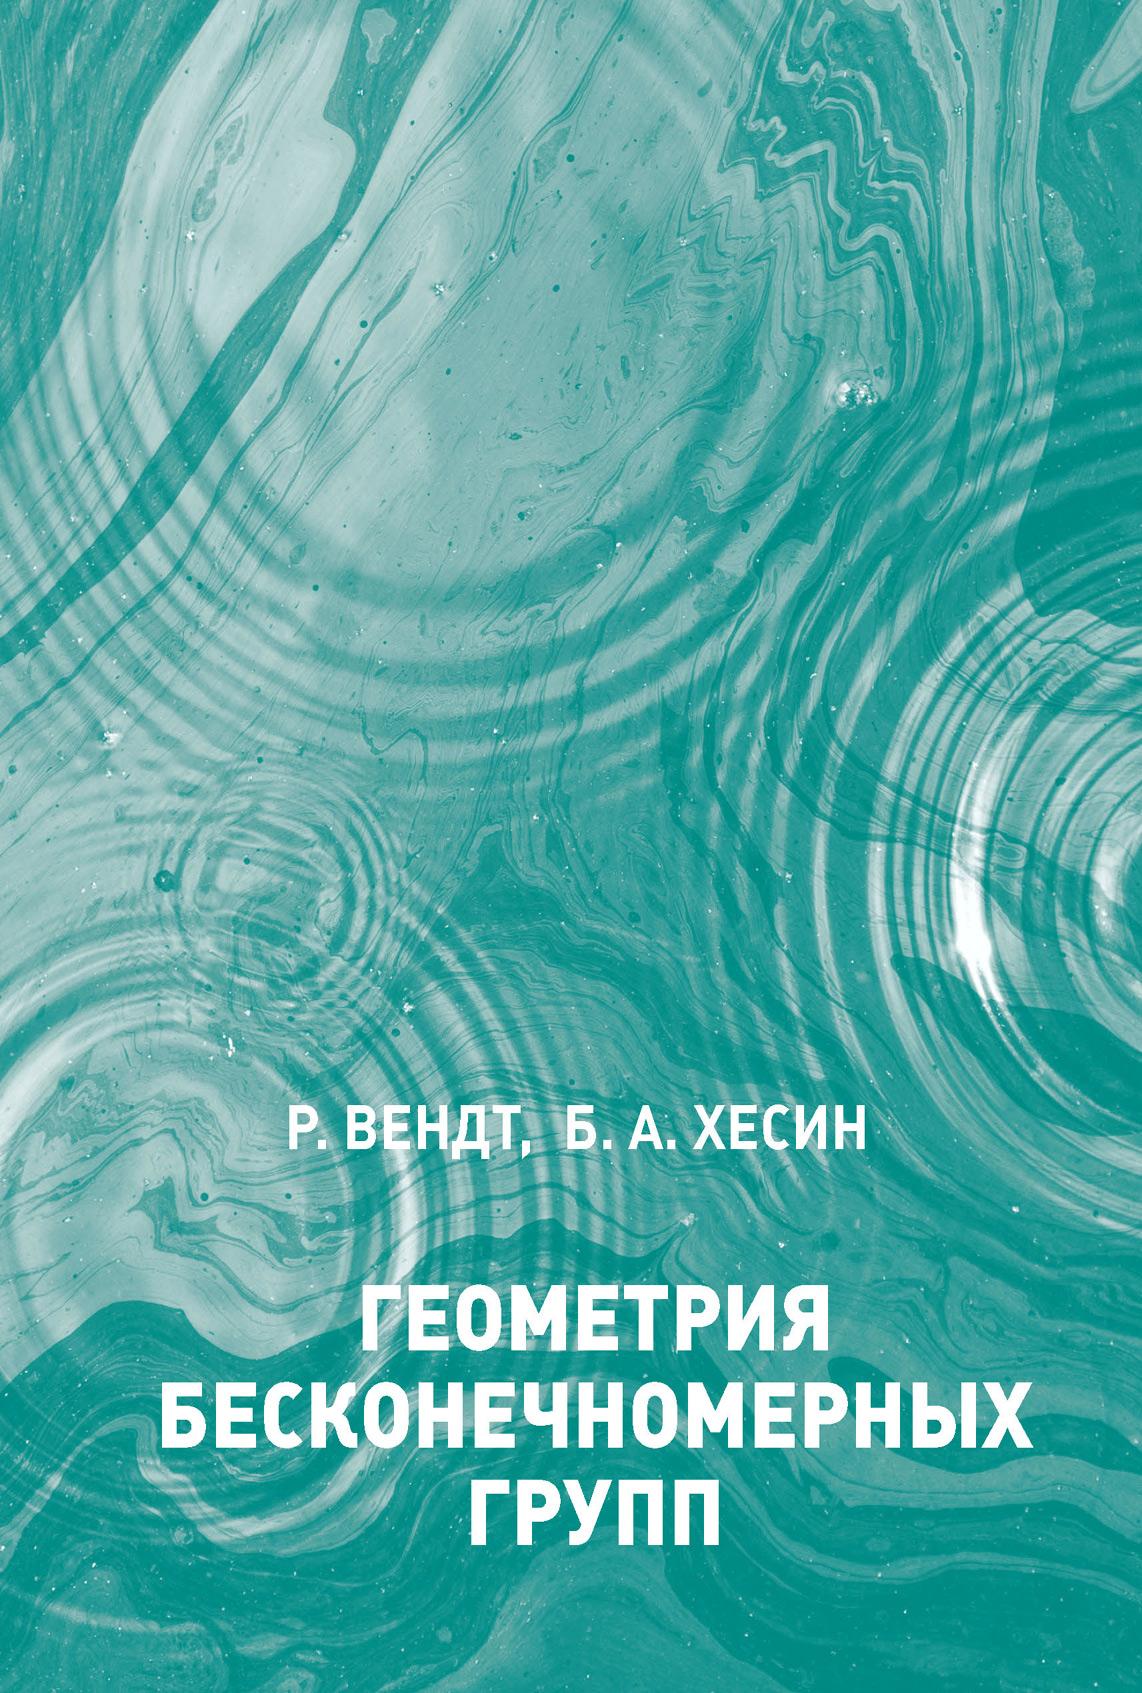 Борис Хесин Геометрия бесконечномерных групп недорого